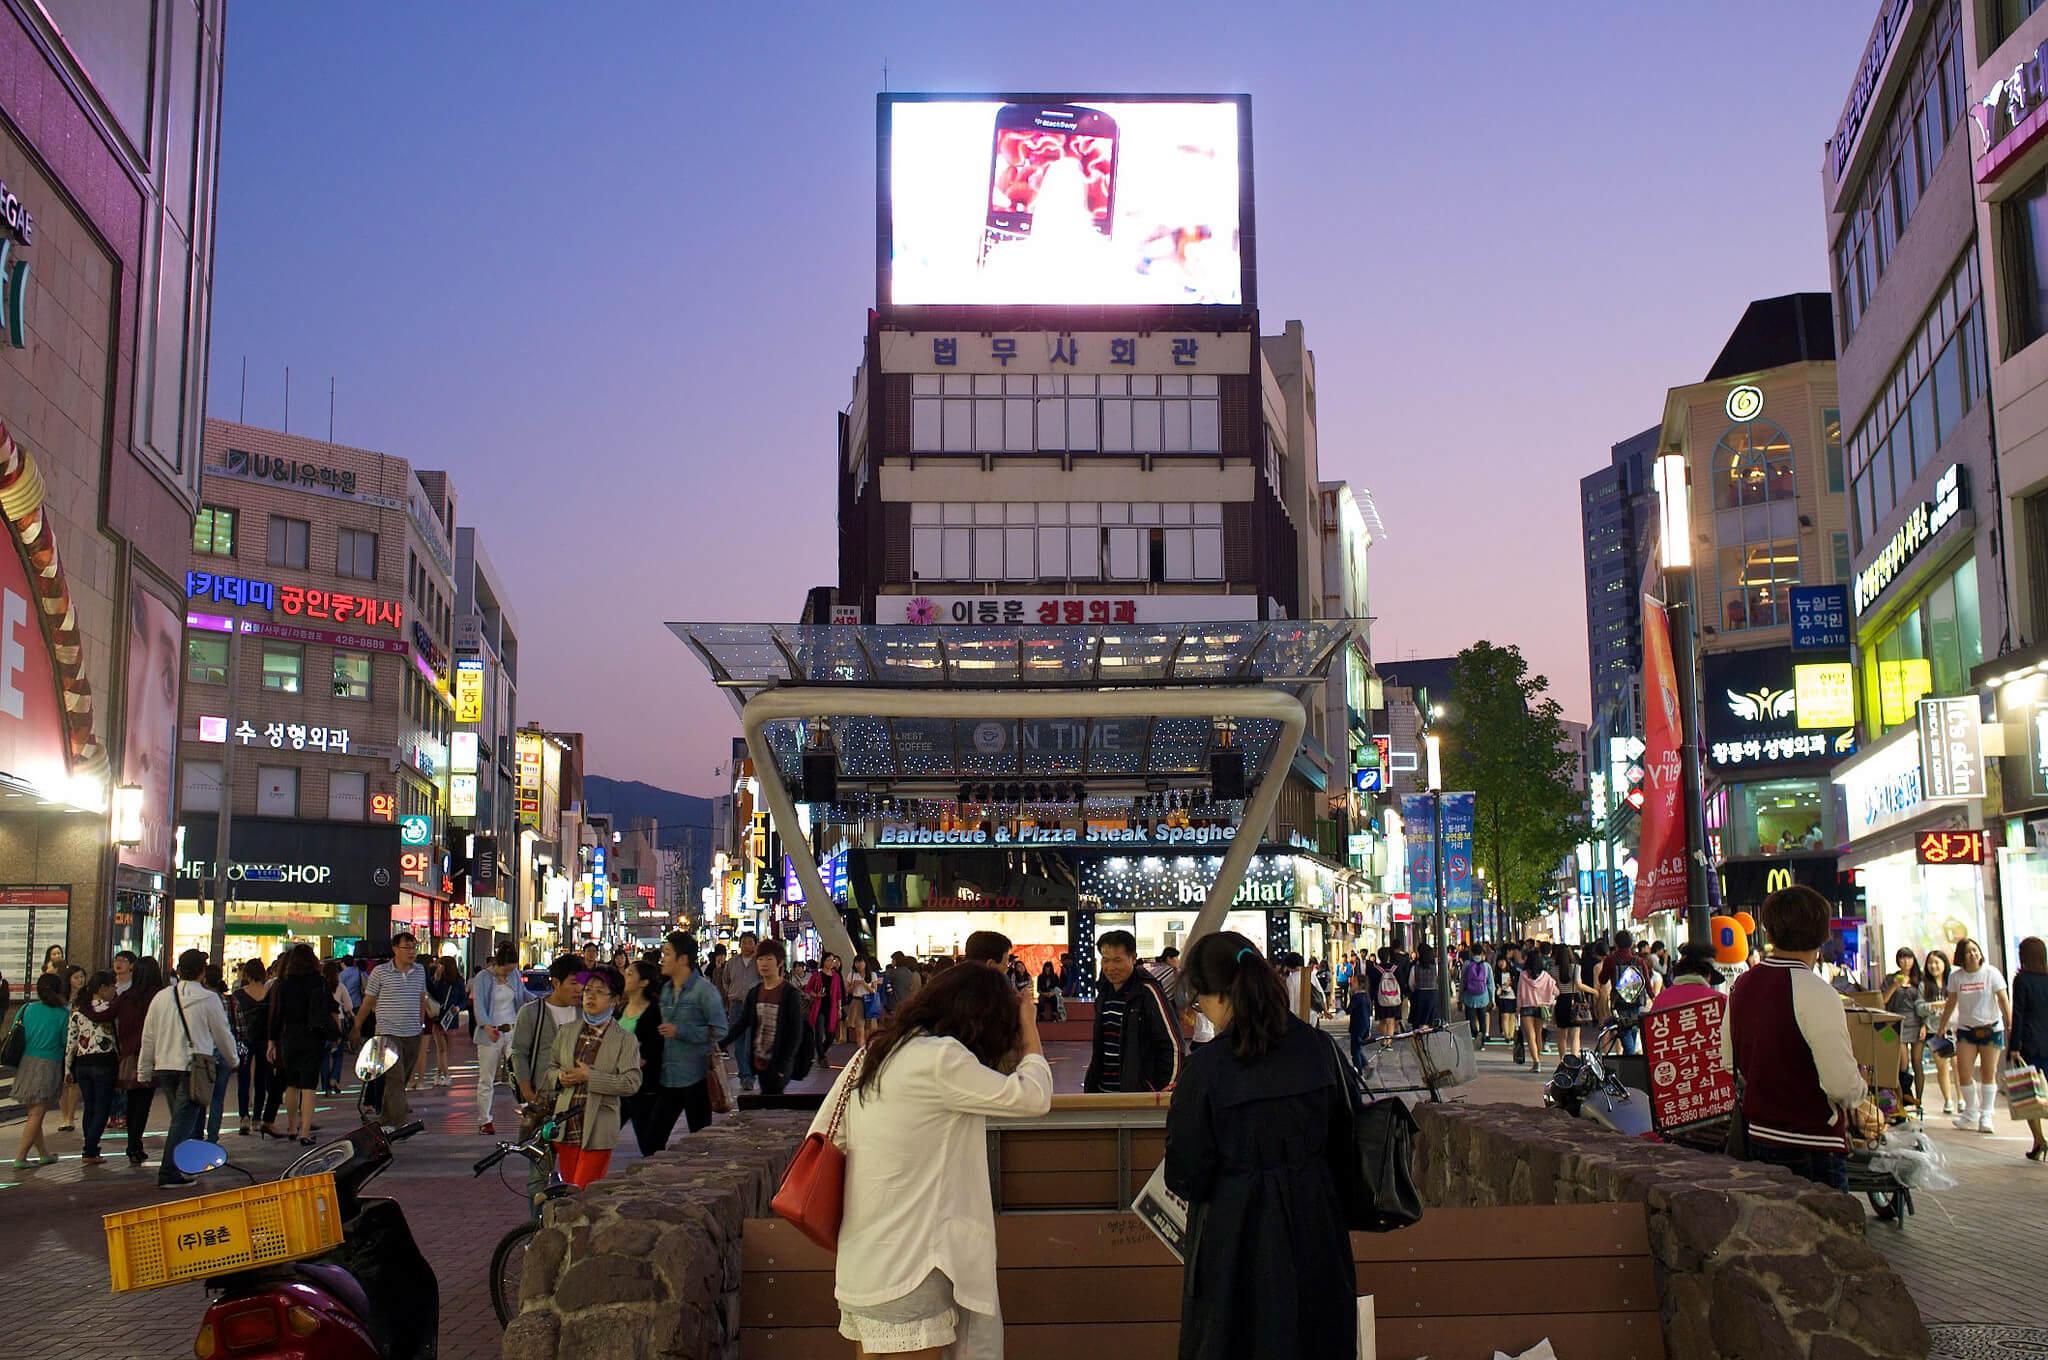 The rising city of eco-tourism